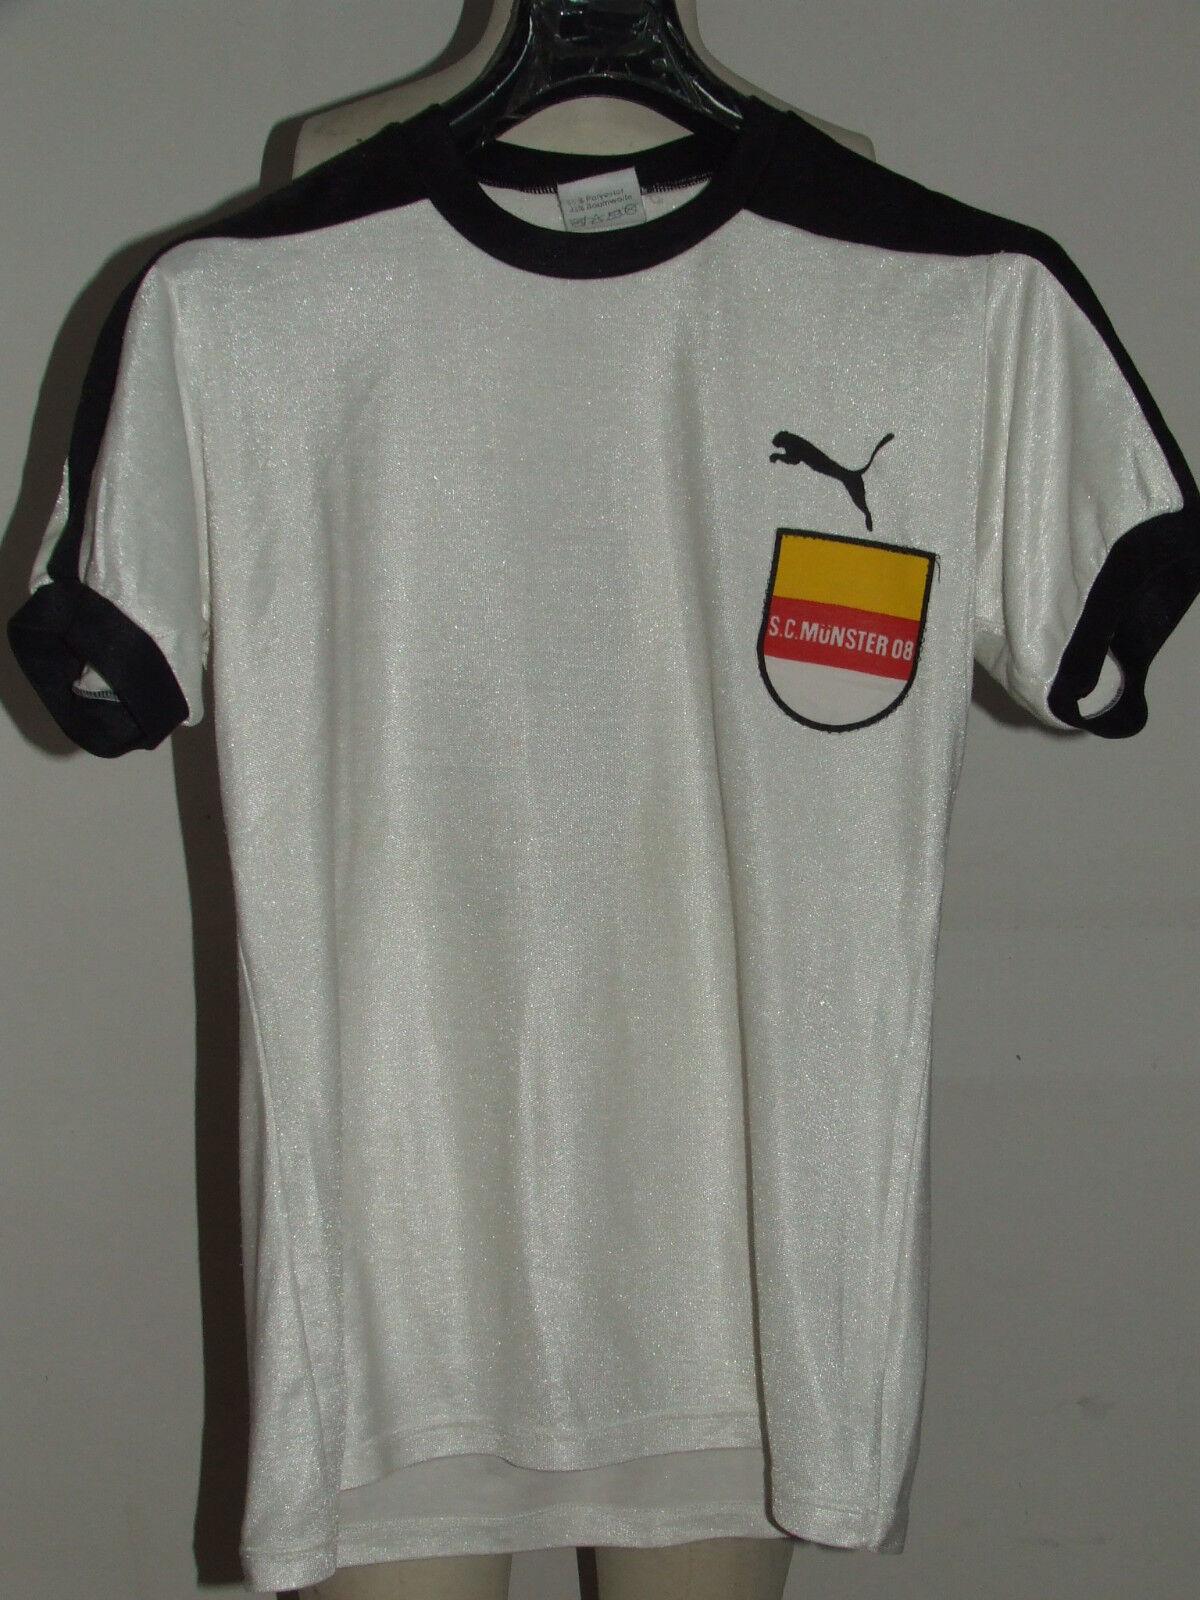 Fußballtrikot Trikot Maillot Camiseta matchworn SC Munster 08 Nr16 80'S